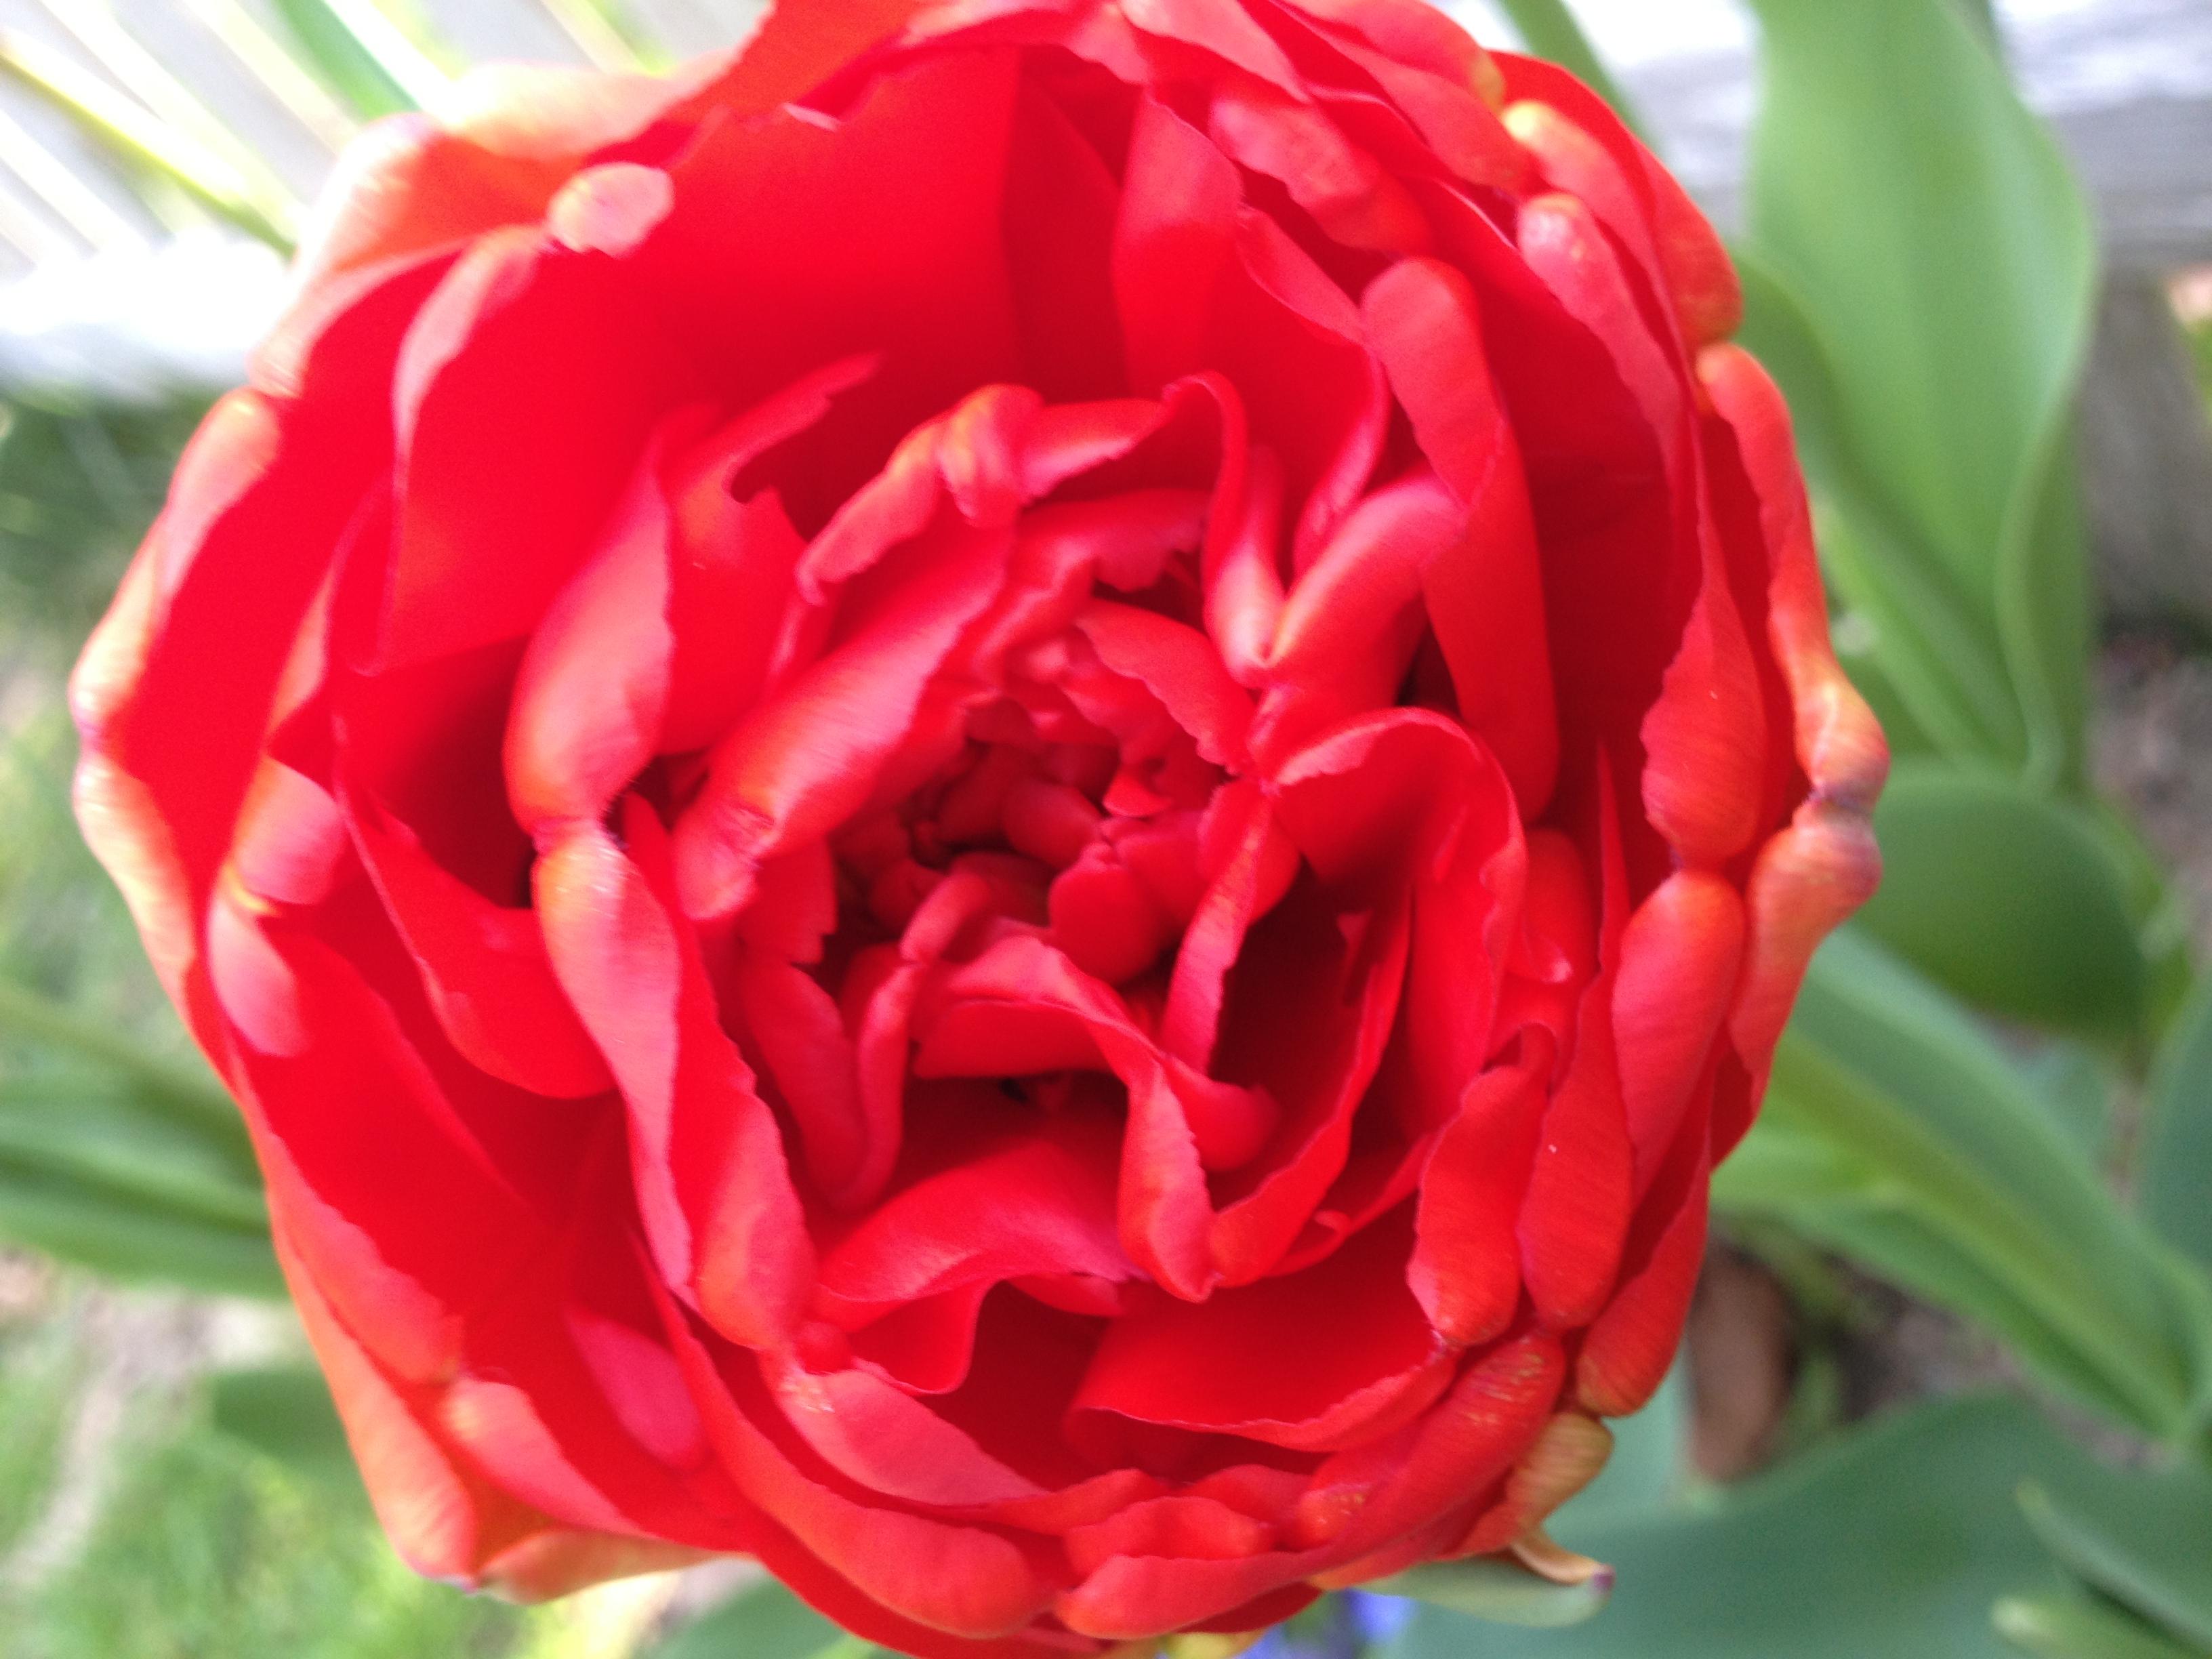 Red complex tulip